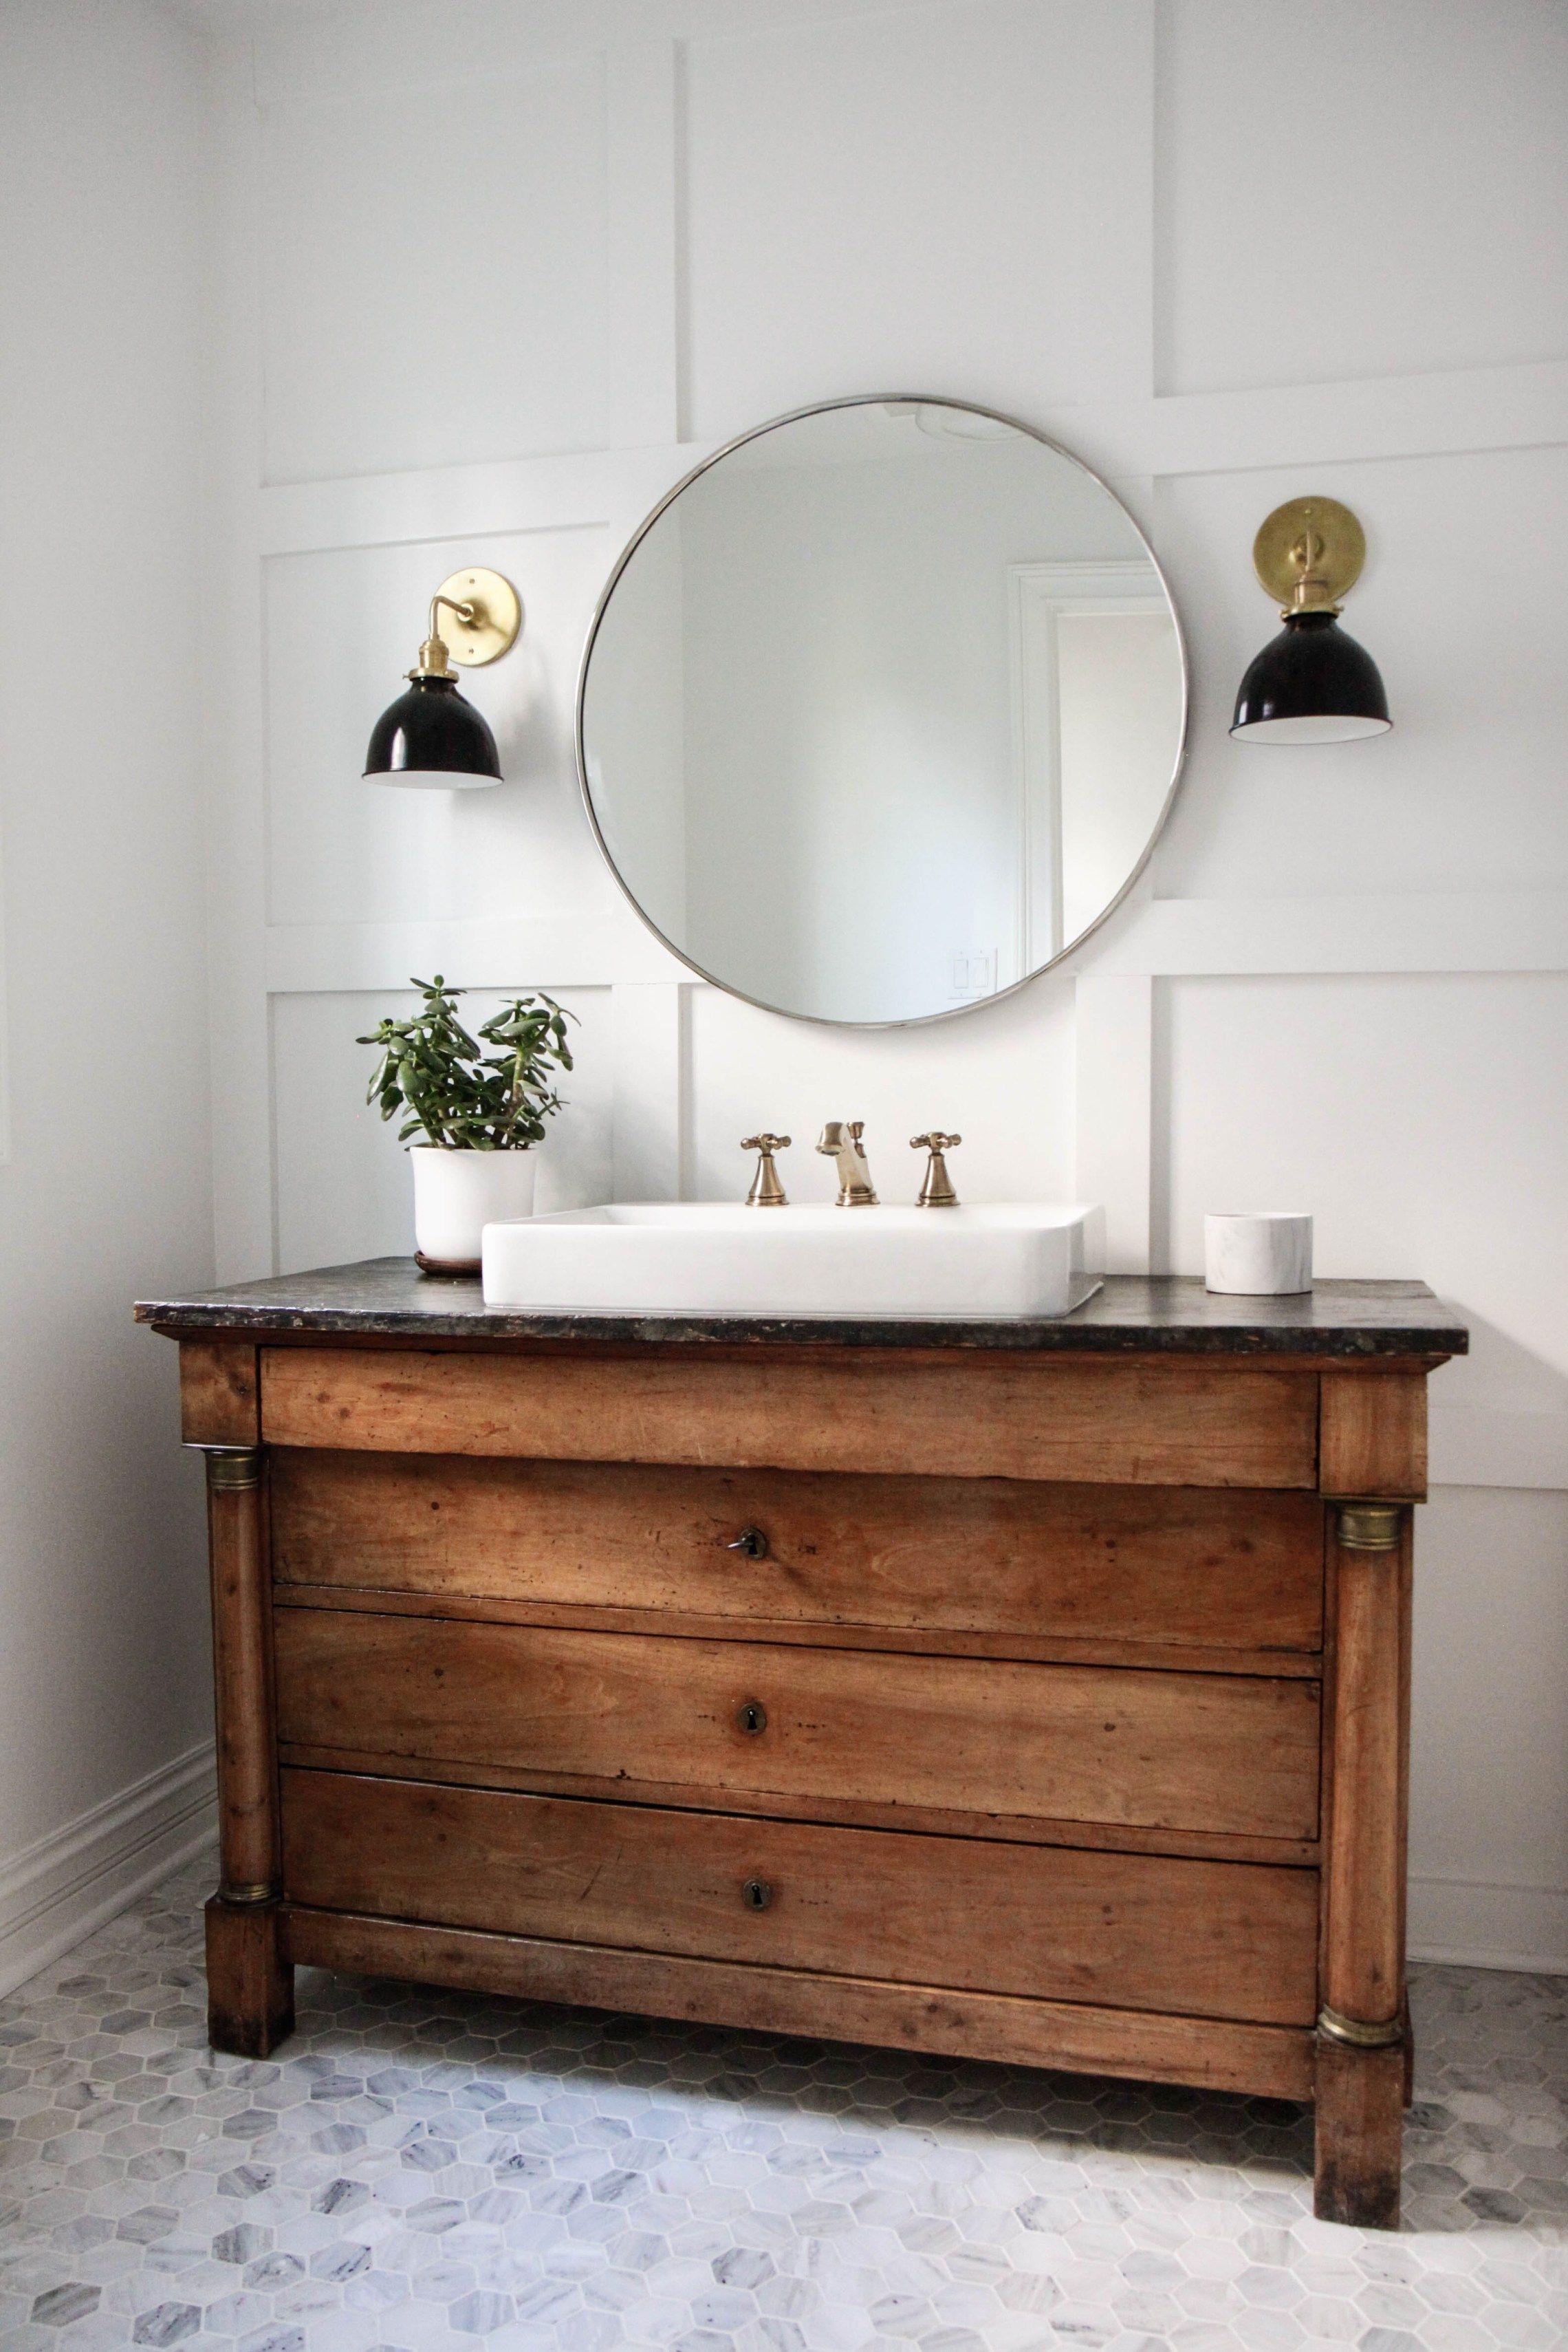 Wooden Bathroom Vanity, Vintage Bathroom Vanity